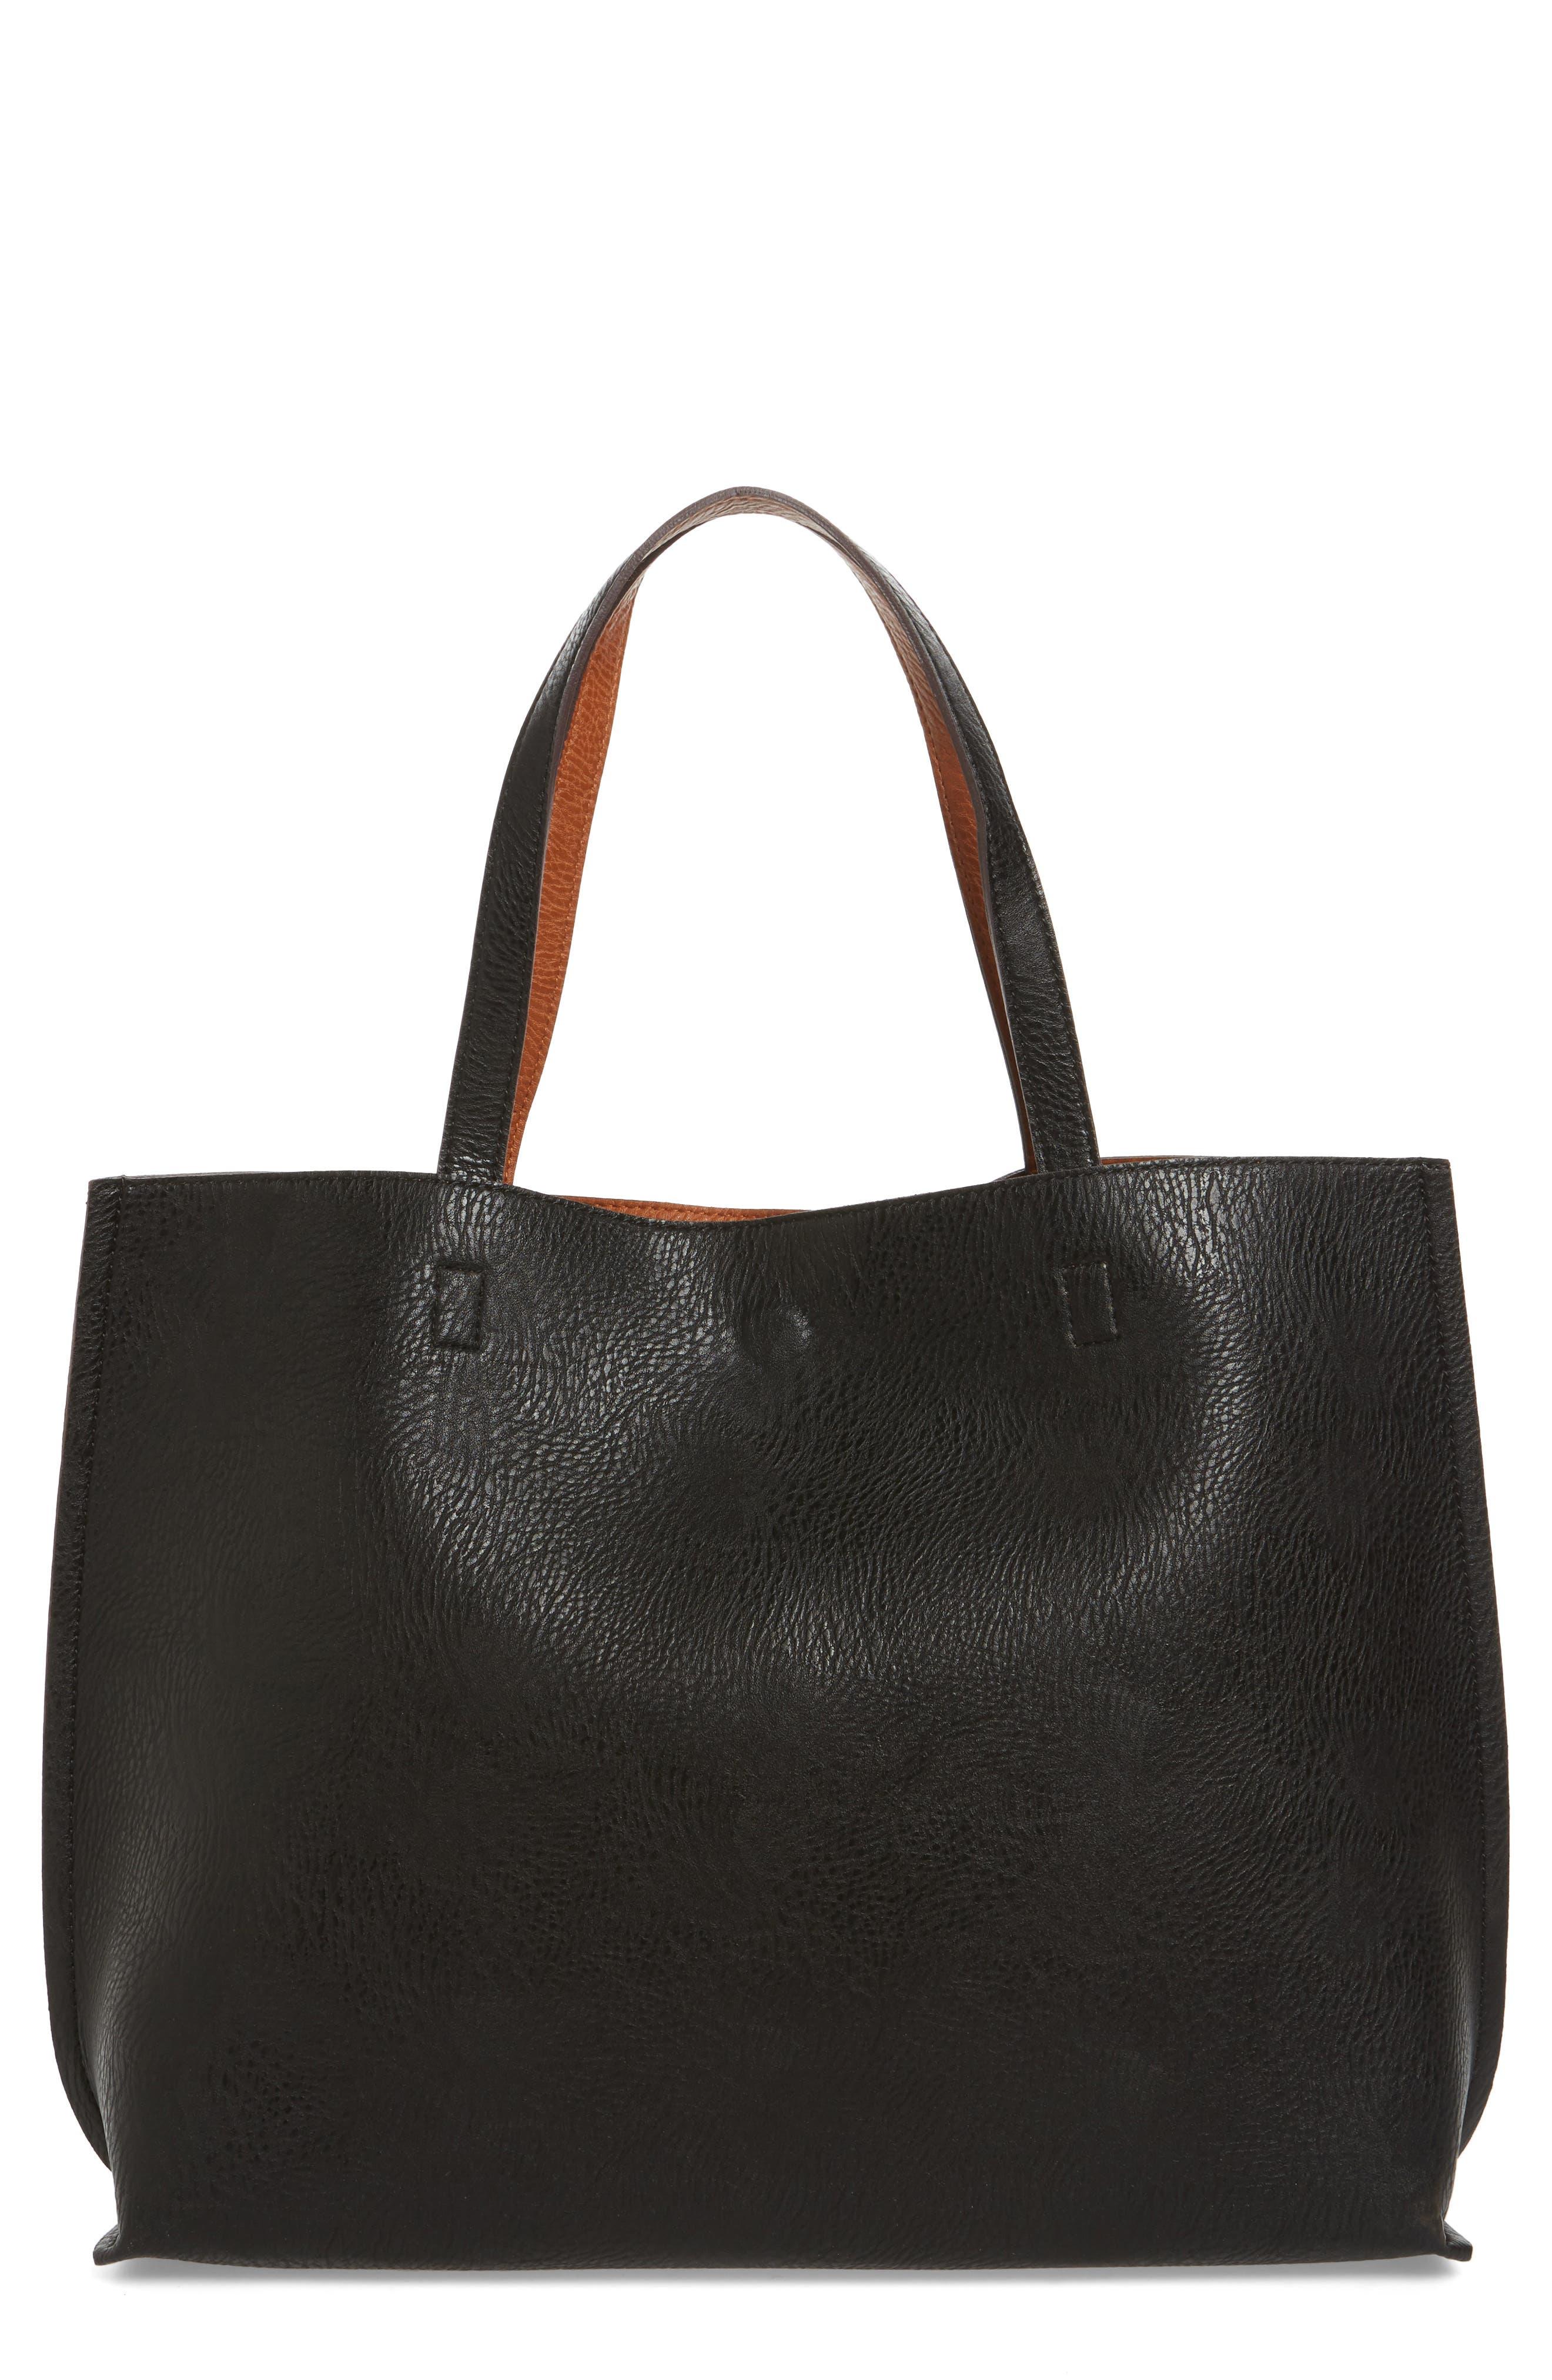 Reversible Faux Leather Tote & Wristlet, Main, color, BLACK/ COGNAC